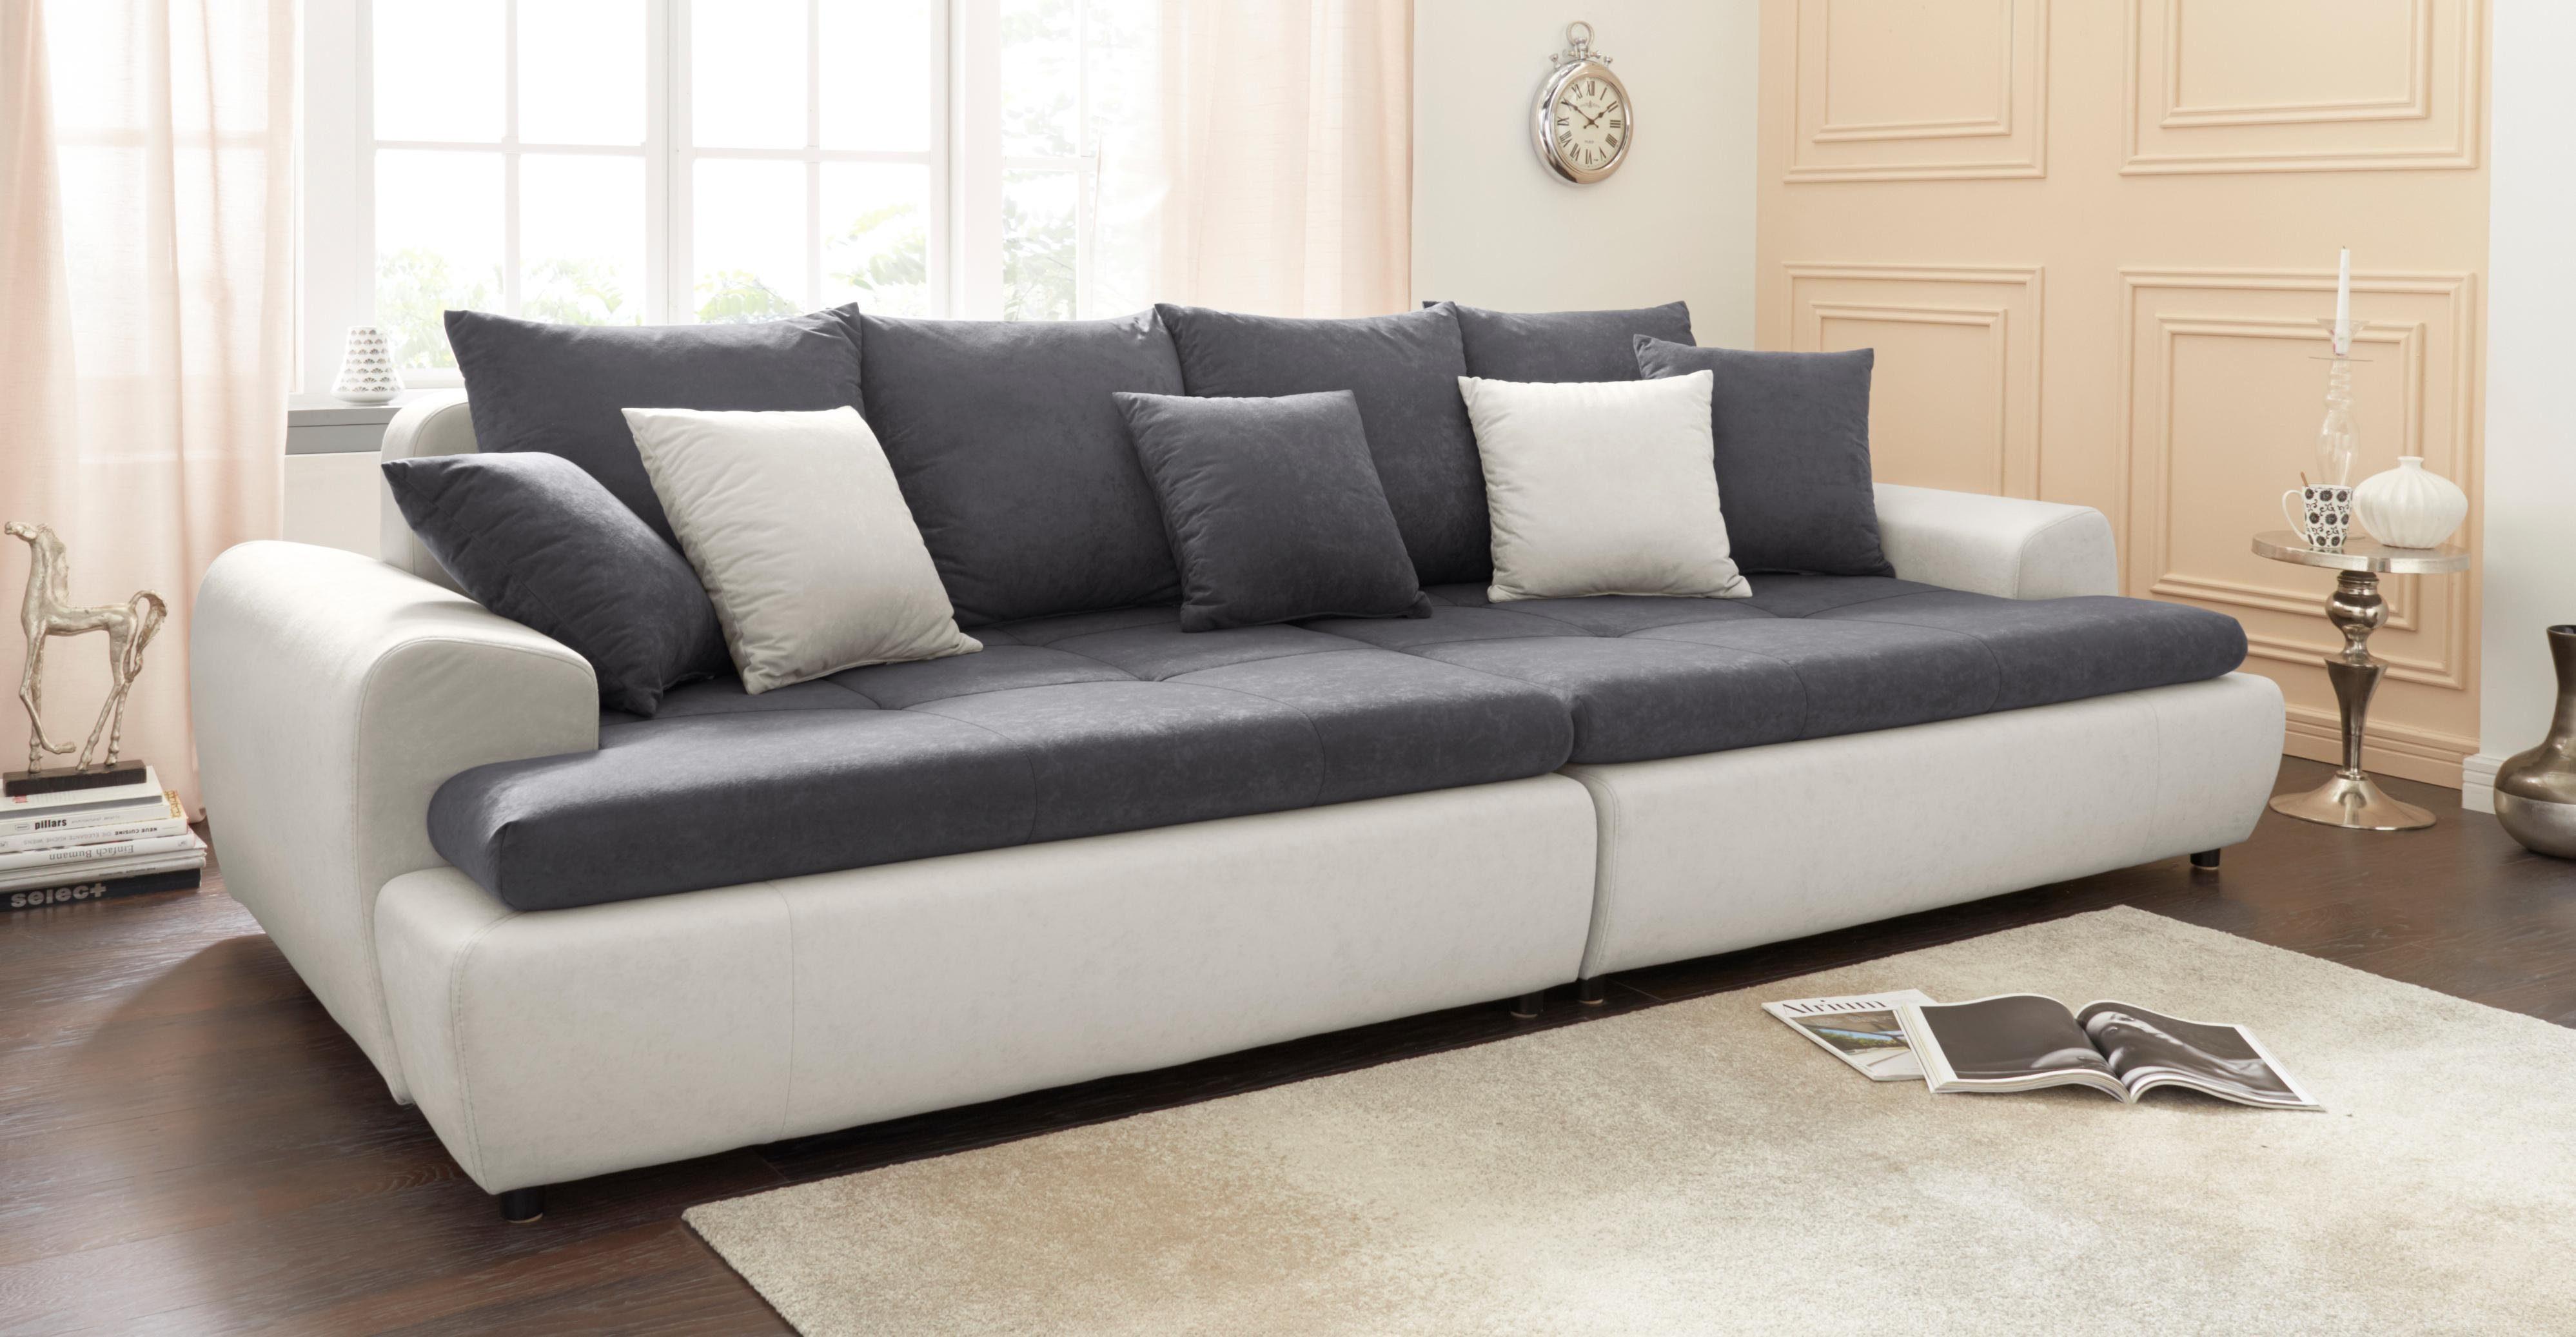 mega sofa children s flip canada collection ab inklusive loser zier und ruckenkissen